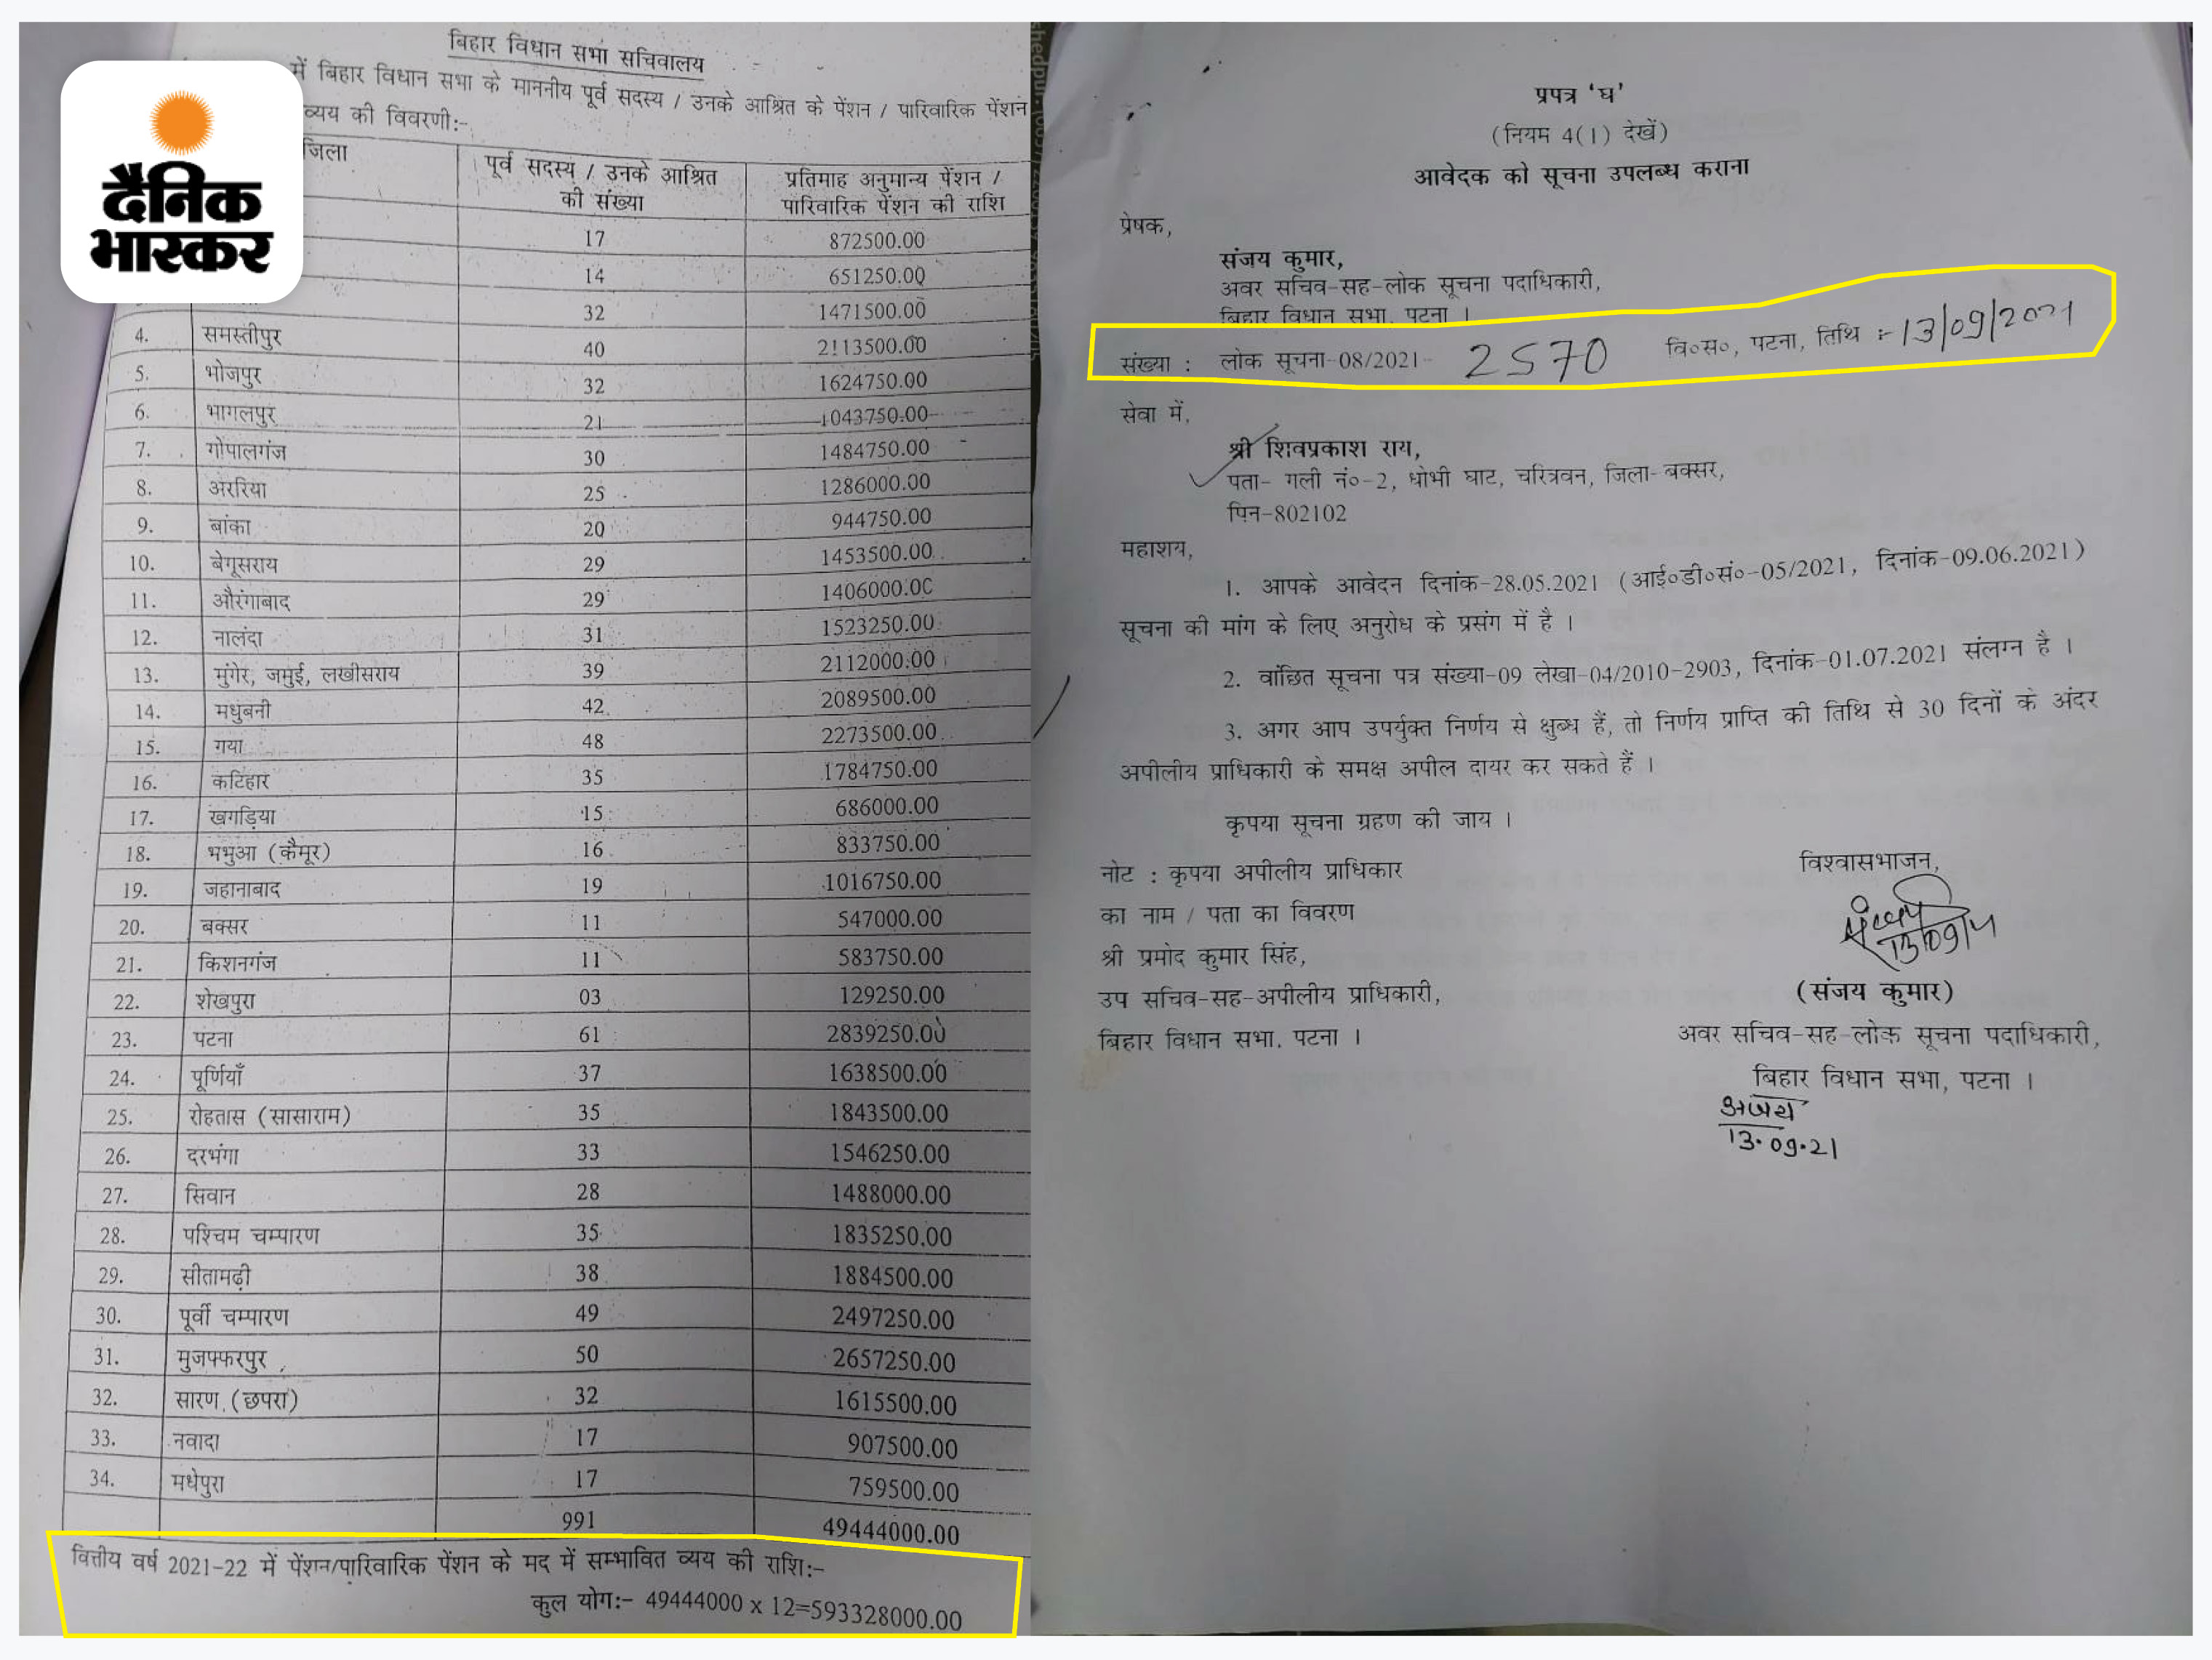 भास्कर के पास विधानसभा सचिवालय की ओर से 13 सितंबर 2021 को दी गई जानकारी की कॉपी है। इसमें साफ लिखा है कि वित्तीय वर्ष 2021-22 में इन लोगों को पेंशन जारी की जा रही है।